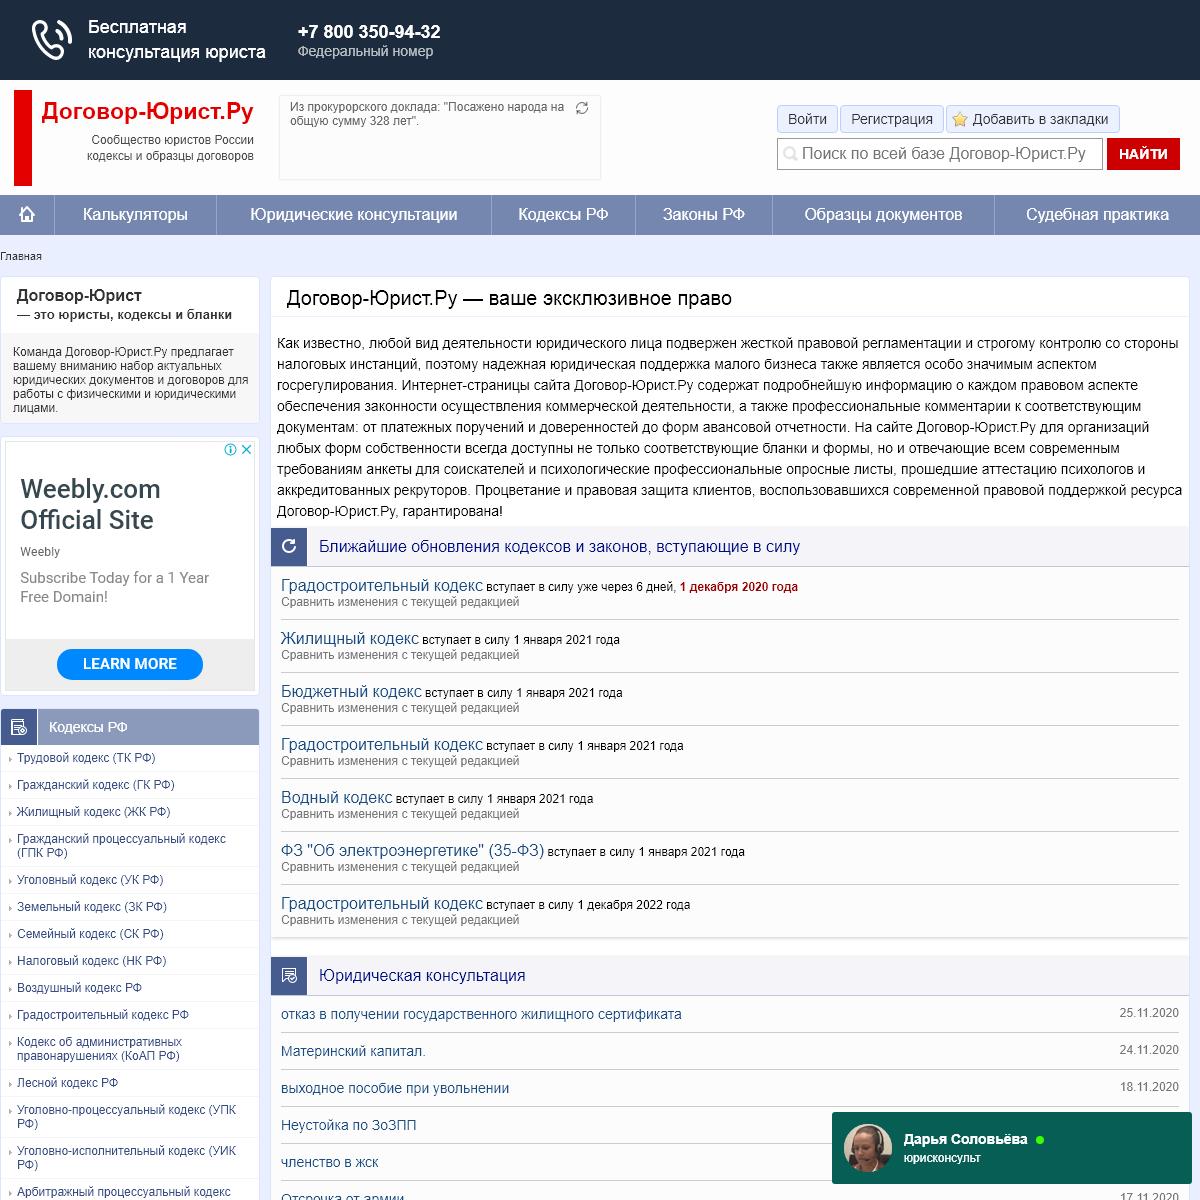 Актуальные образцы договоров и юридические консультации онлайн - Дог�